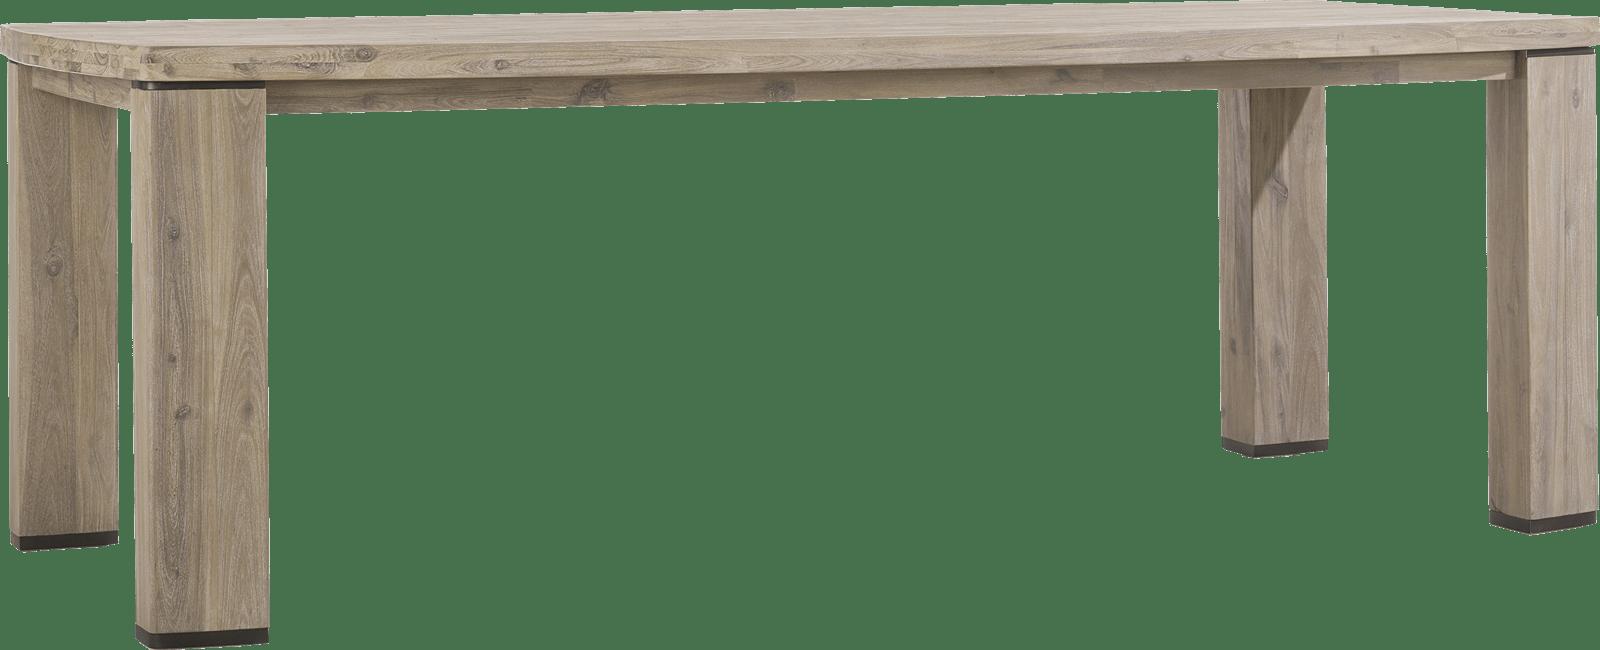 Coiba - eetkamertafel 230 x 105 cm